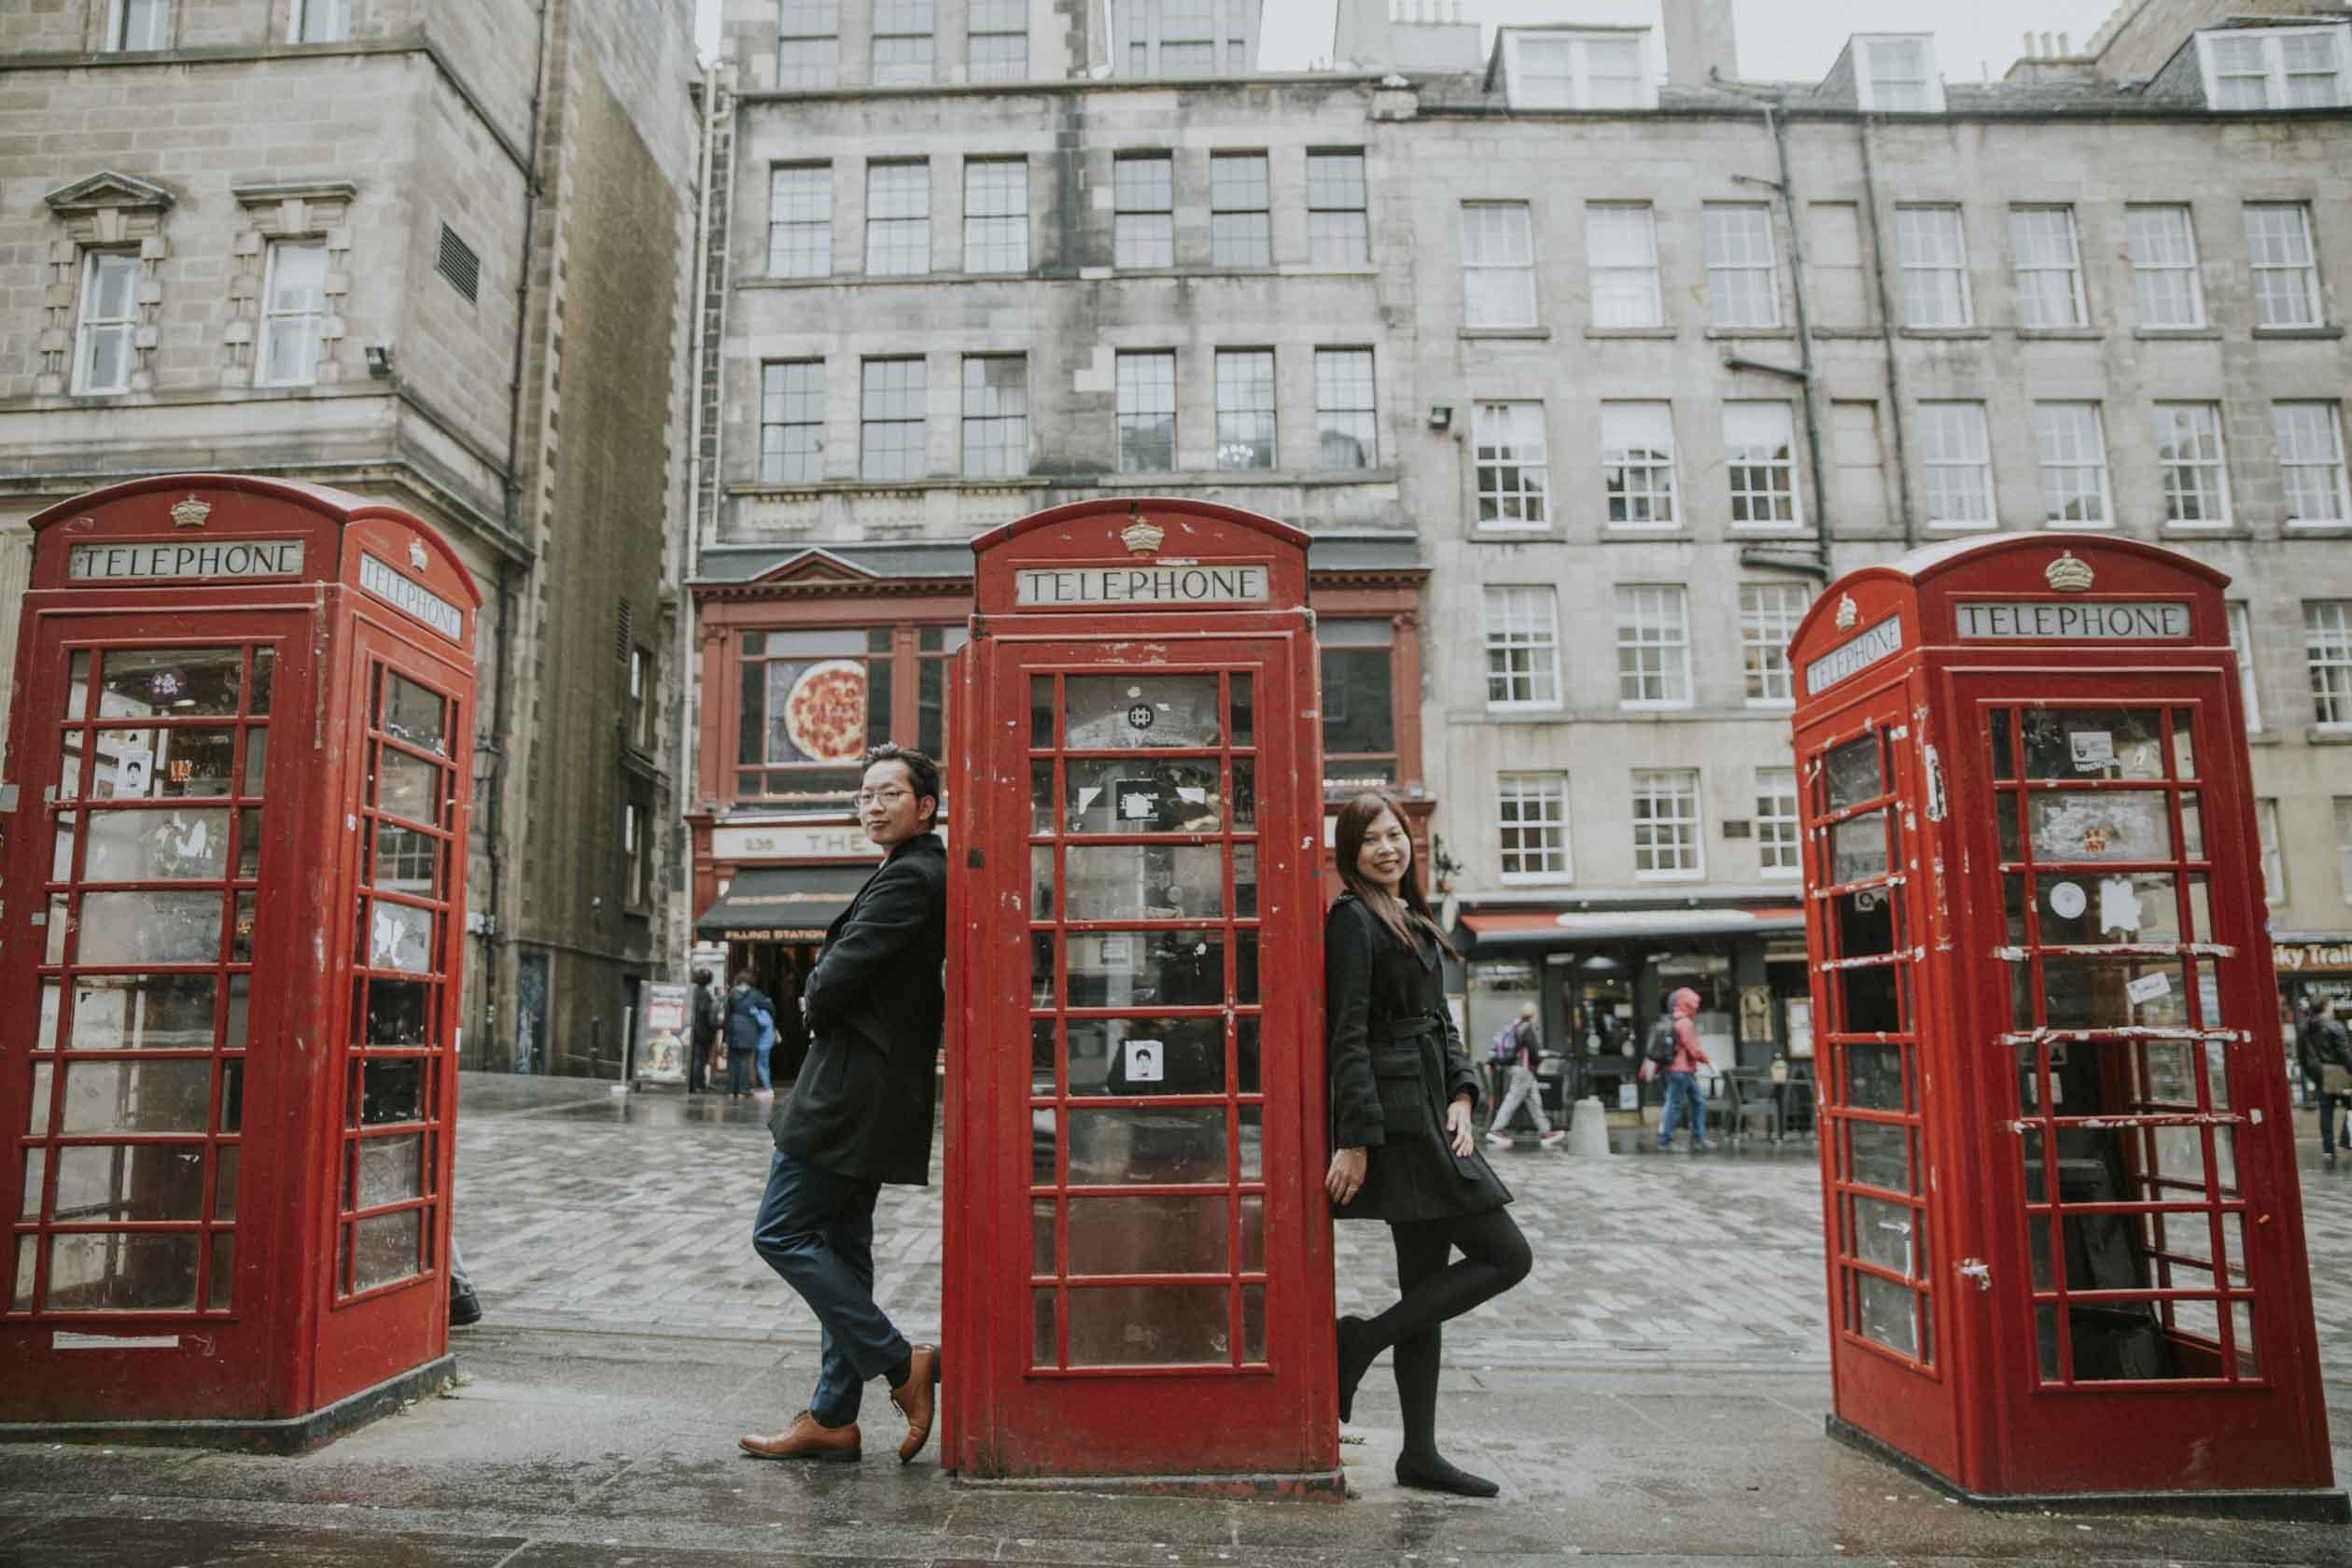 Edinburgh Royal Mile Engagement Photography | Edinburgh Secret Proposal Photographer | Scottish Couple Photography